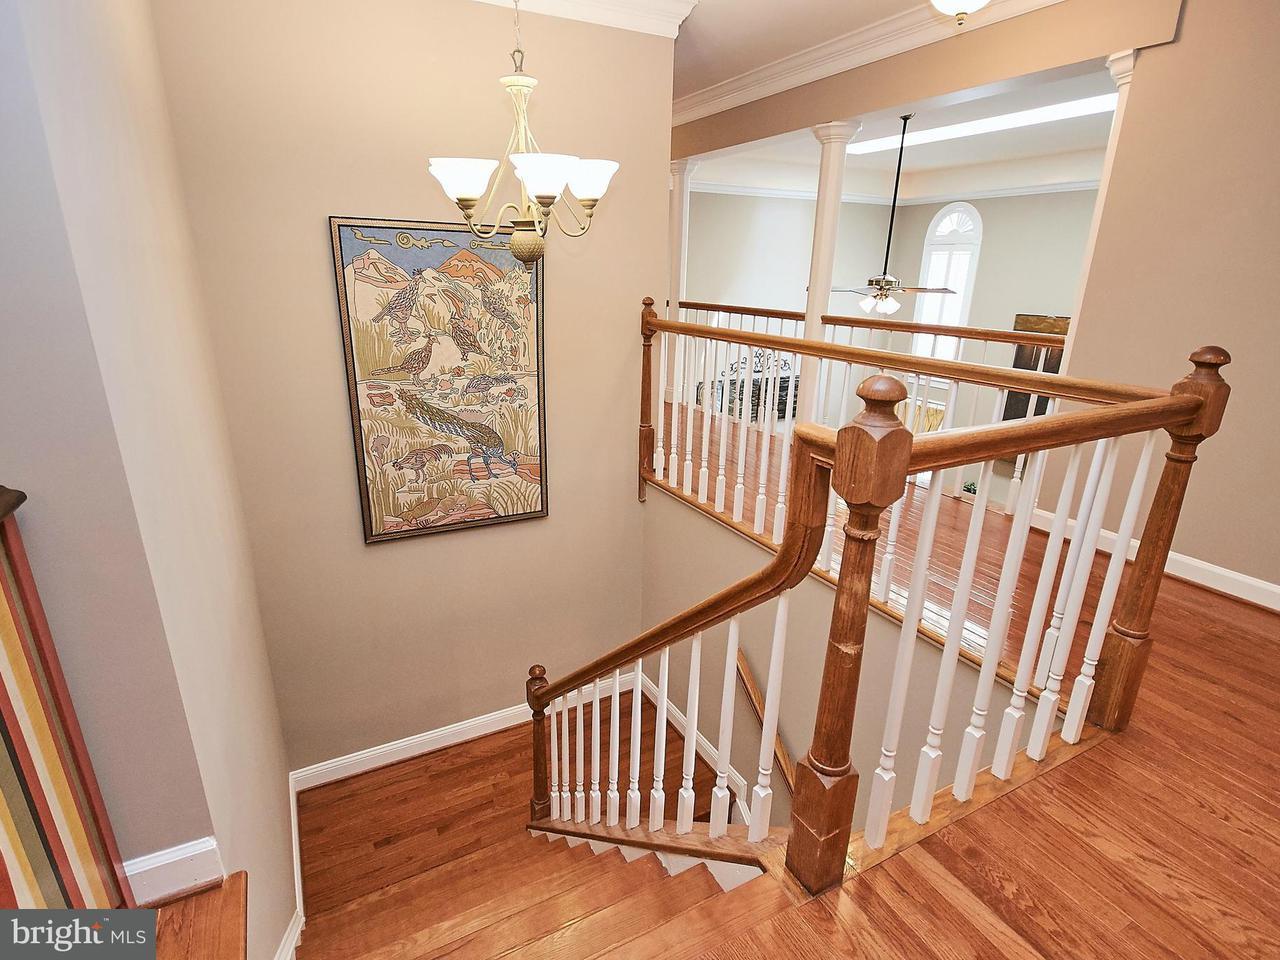 Частный односемейный дом для того Продажа на 10848 Henderson Road 10848 Henderson Road Fairfax Station, Виргиния 22039 Соединенные Штаты